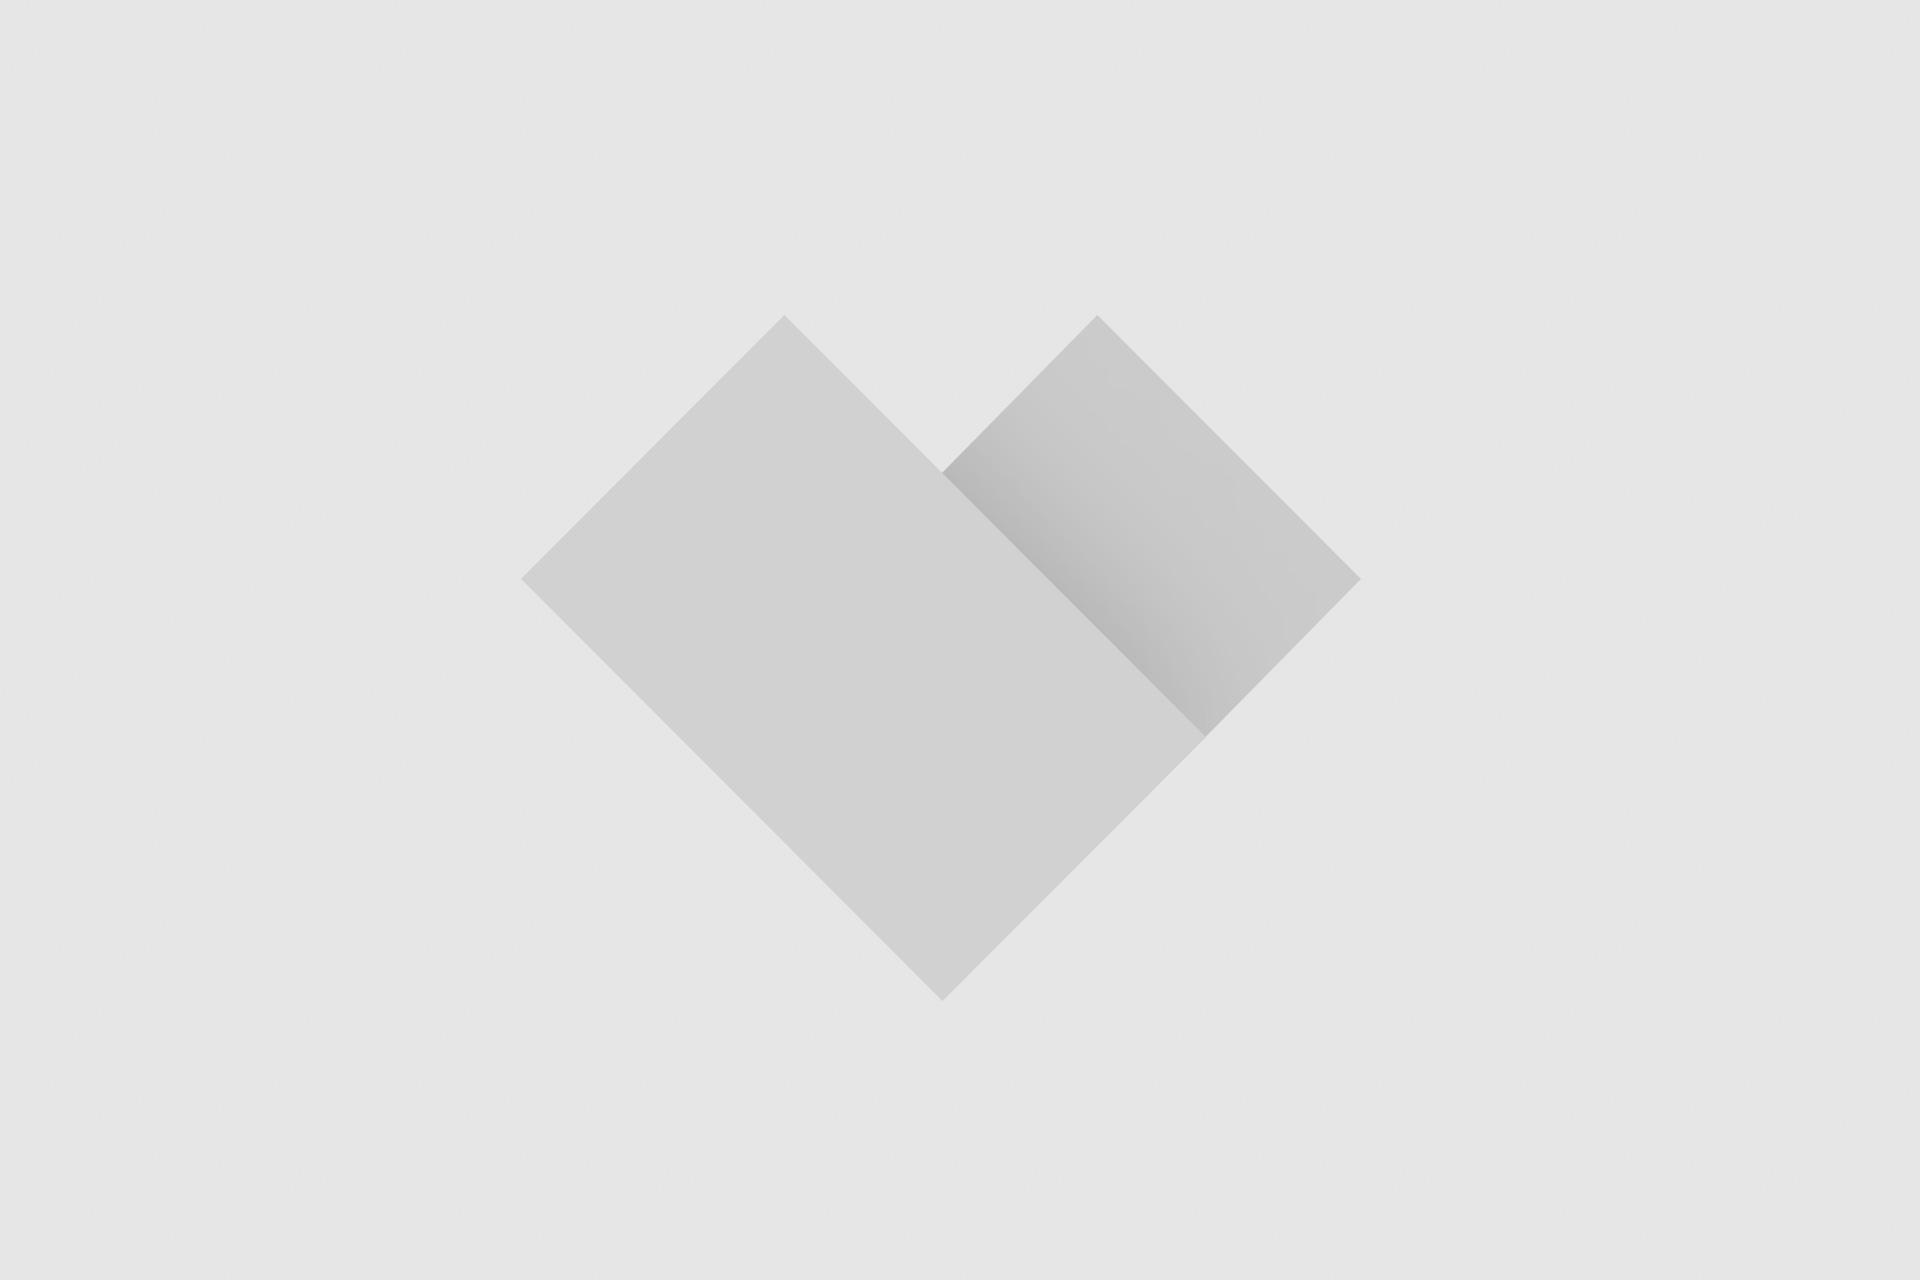 Kako nacrtati štrumpfa? Korak po korak upute sa slikama